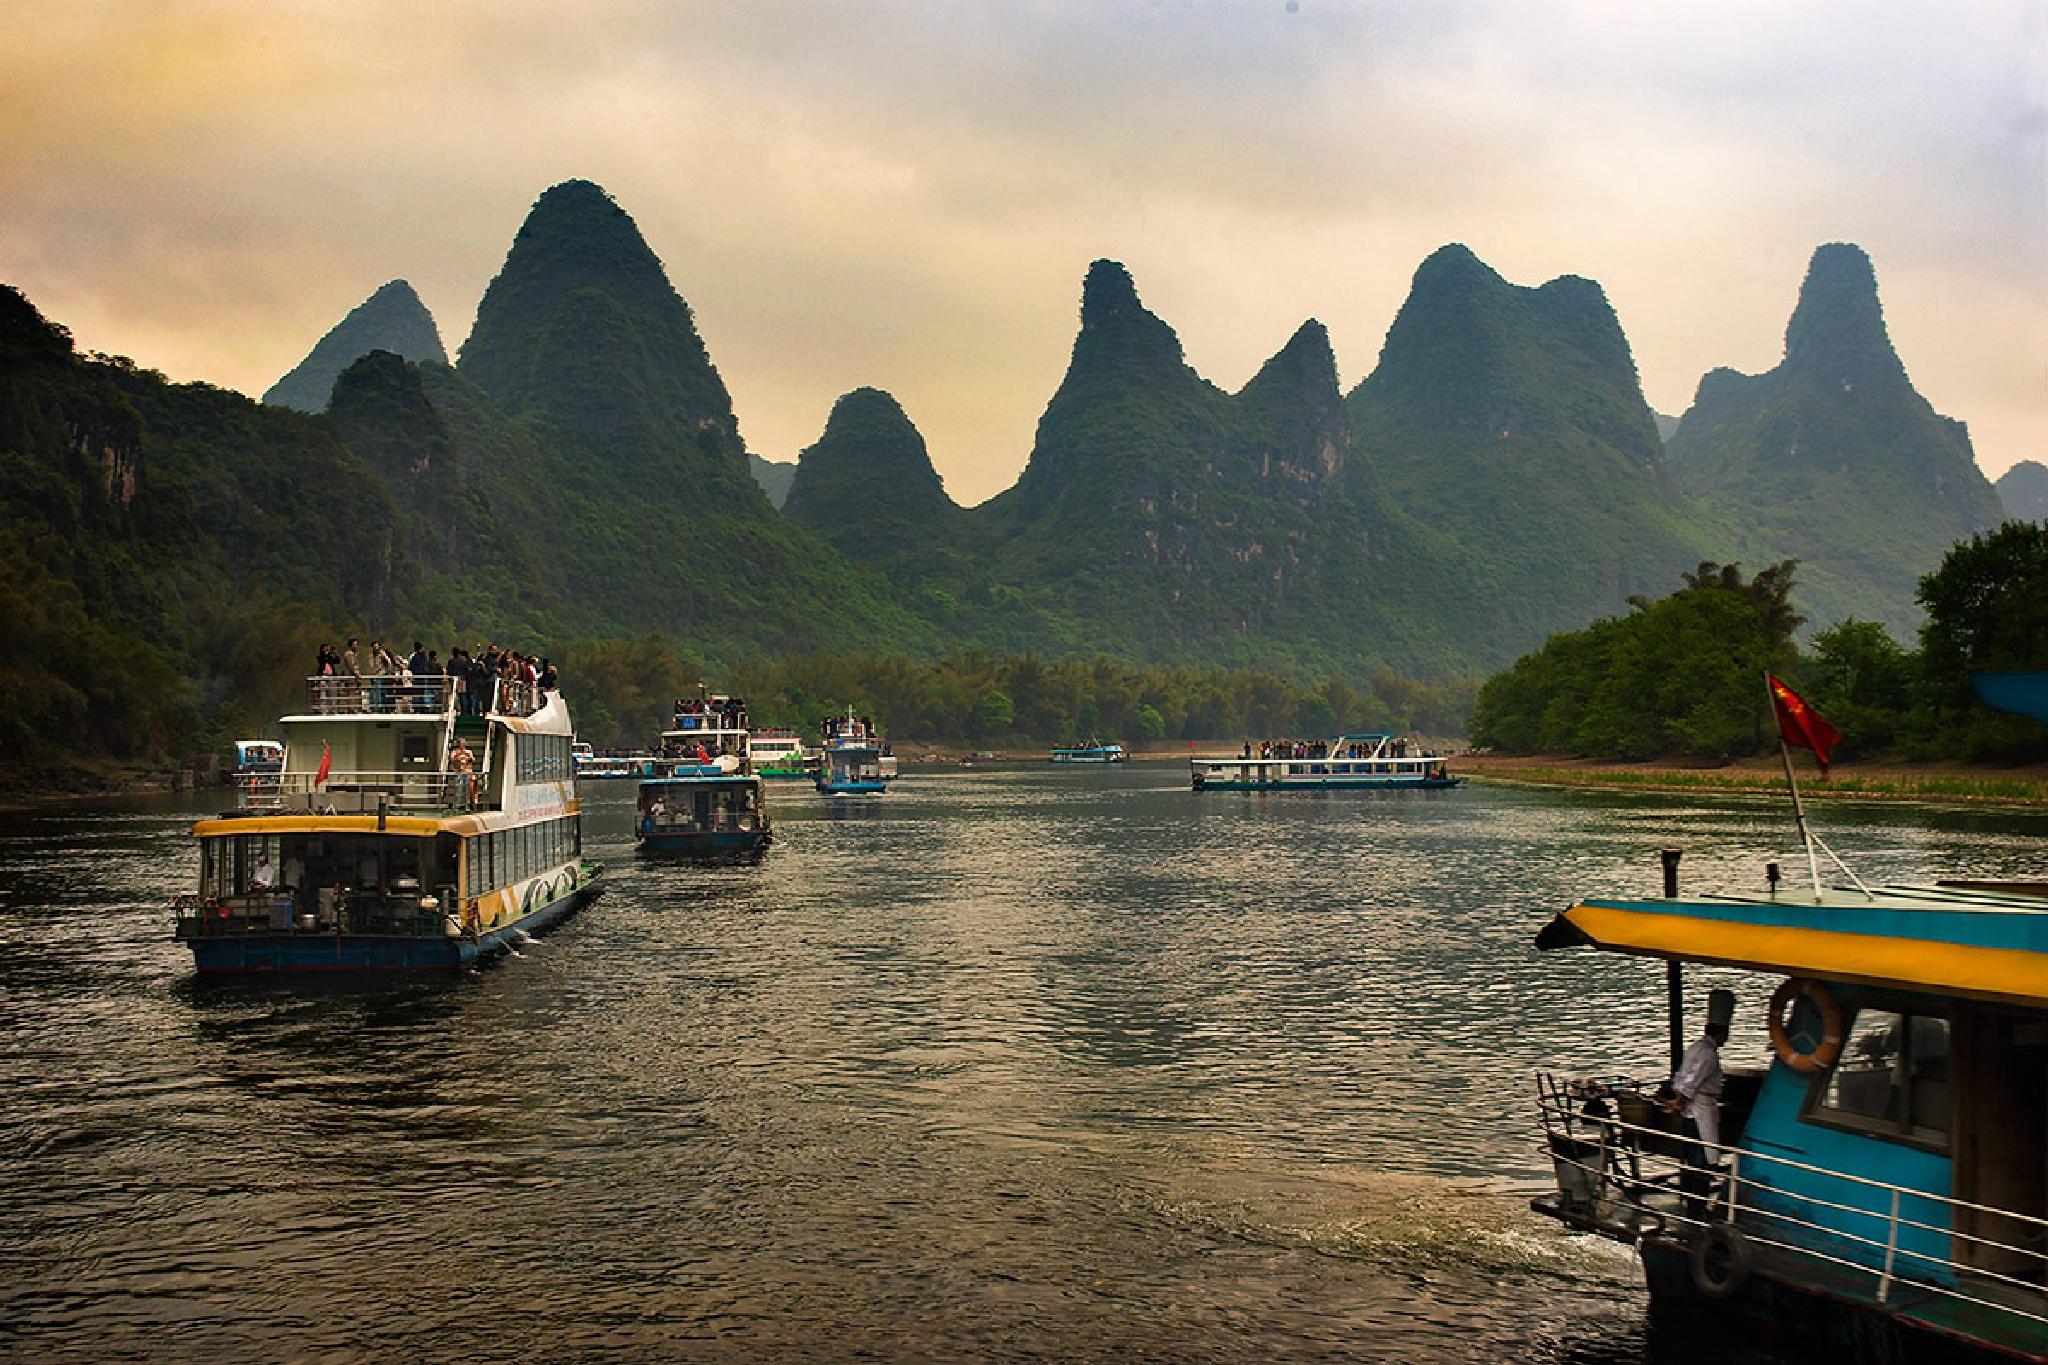 The Li River,Guilin by Sotiris Siomis